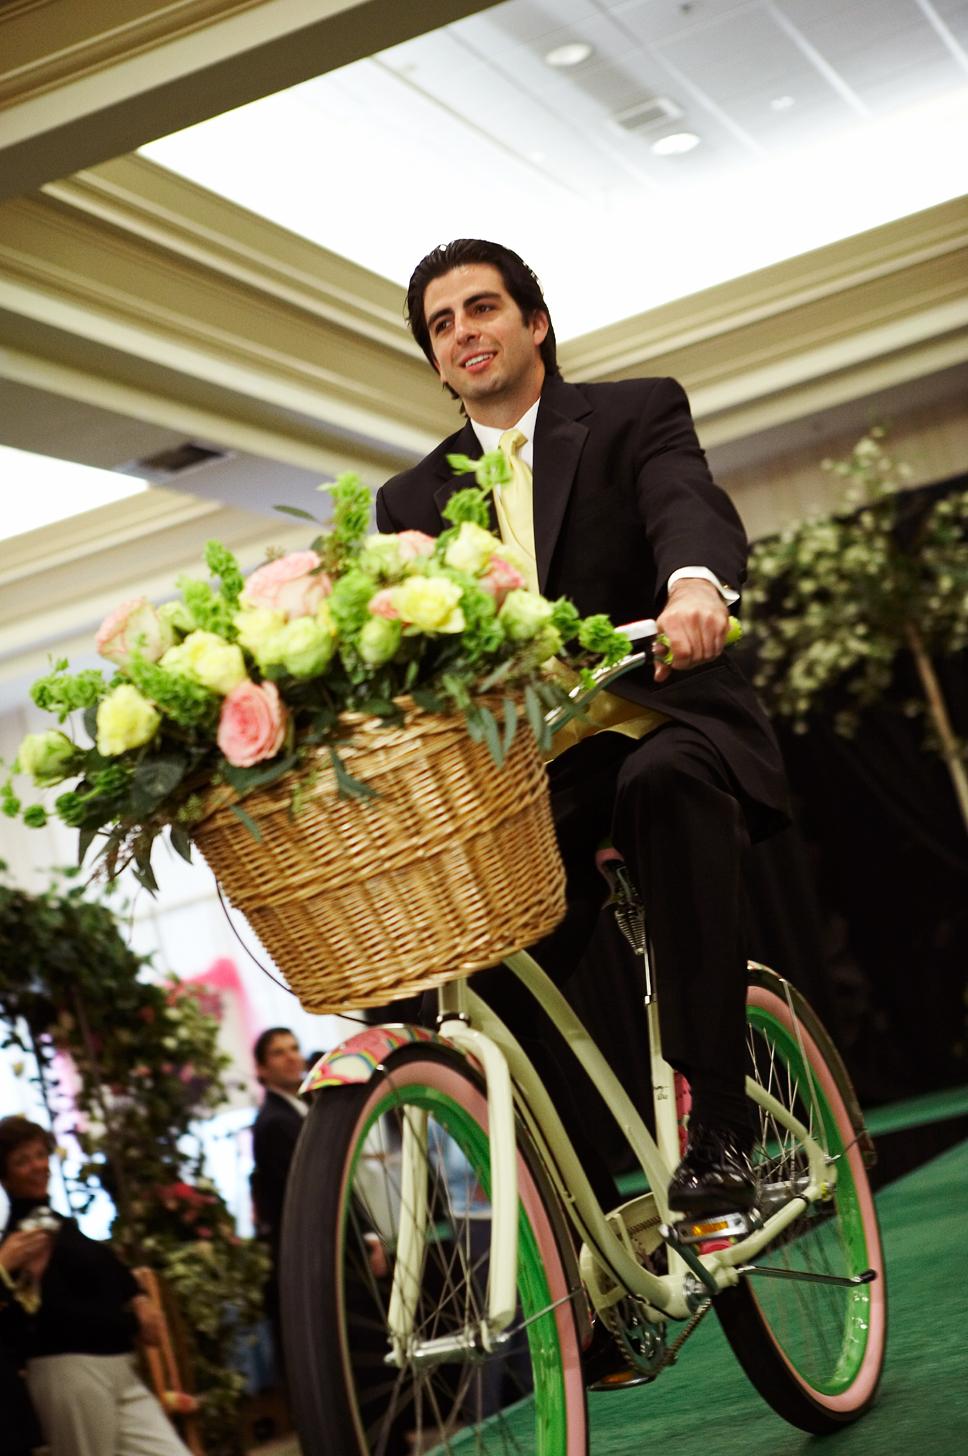 Daniel-smile-ride-Garrett.jpg